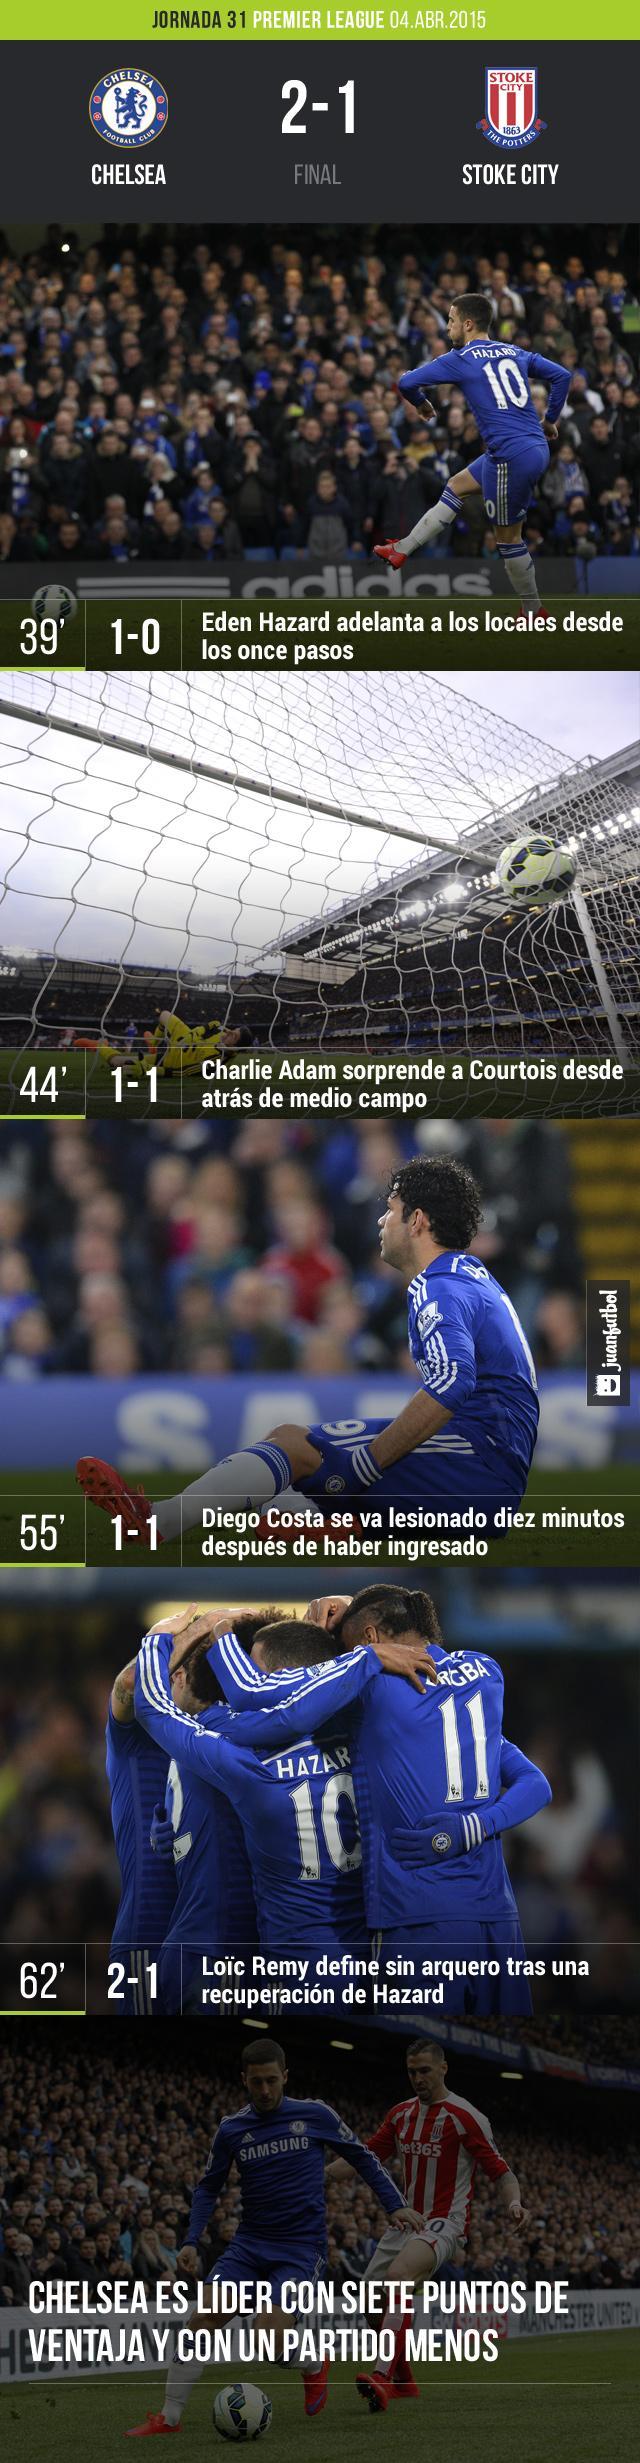 Chelsea venció al Stoke City de la Premier League en la jornada 31 por 2-1 con goles de Hazard y Remy. El descuento fue obra de Adams quien sorprendió a Courtois desde atrás de media cancha.